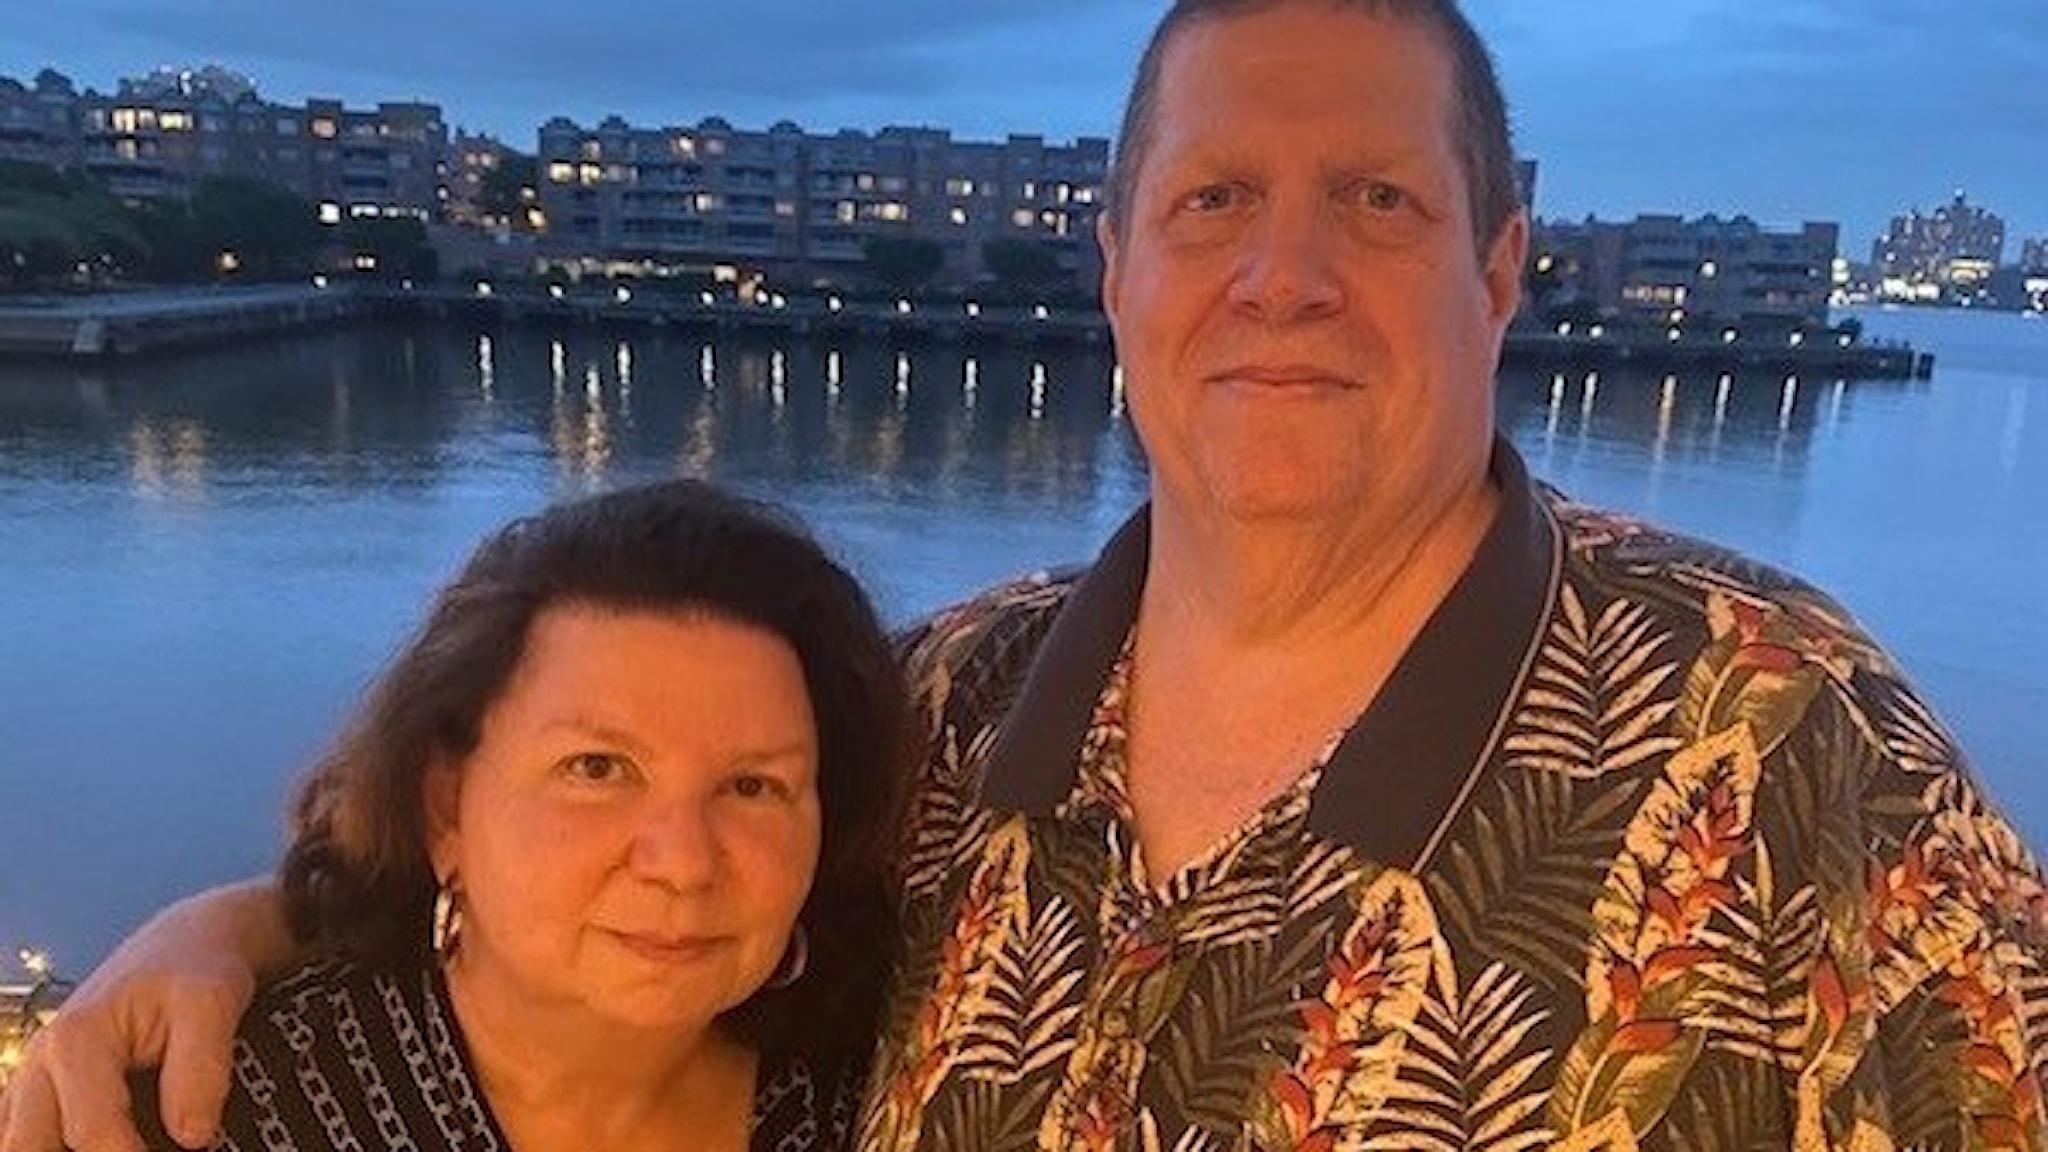 Äkta paret Esther och Jim  på sin bröllopsdag nyligen. Han i en färgglad skjorta och med håret i knut, hon nyfriserad och med en blus. Fotot taget utomhus i New Jersey vid en vik med hus i bakgrunden.